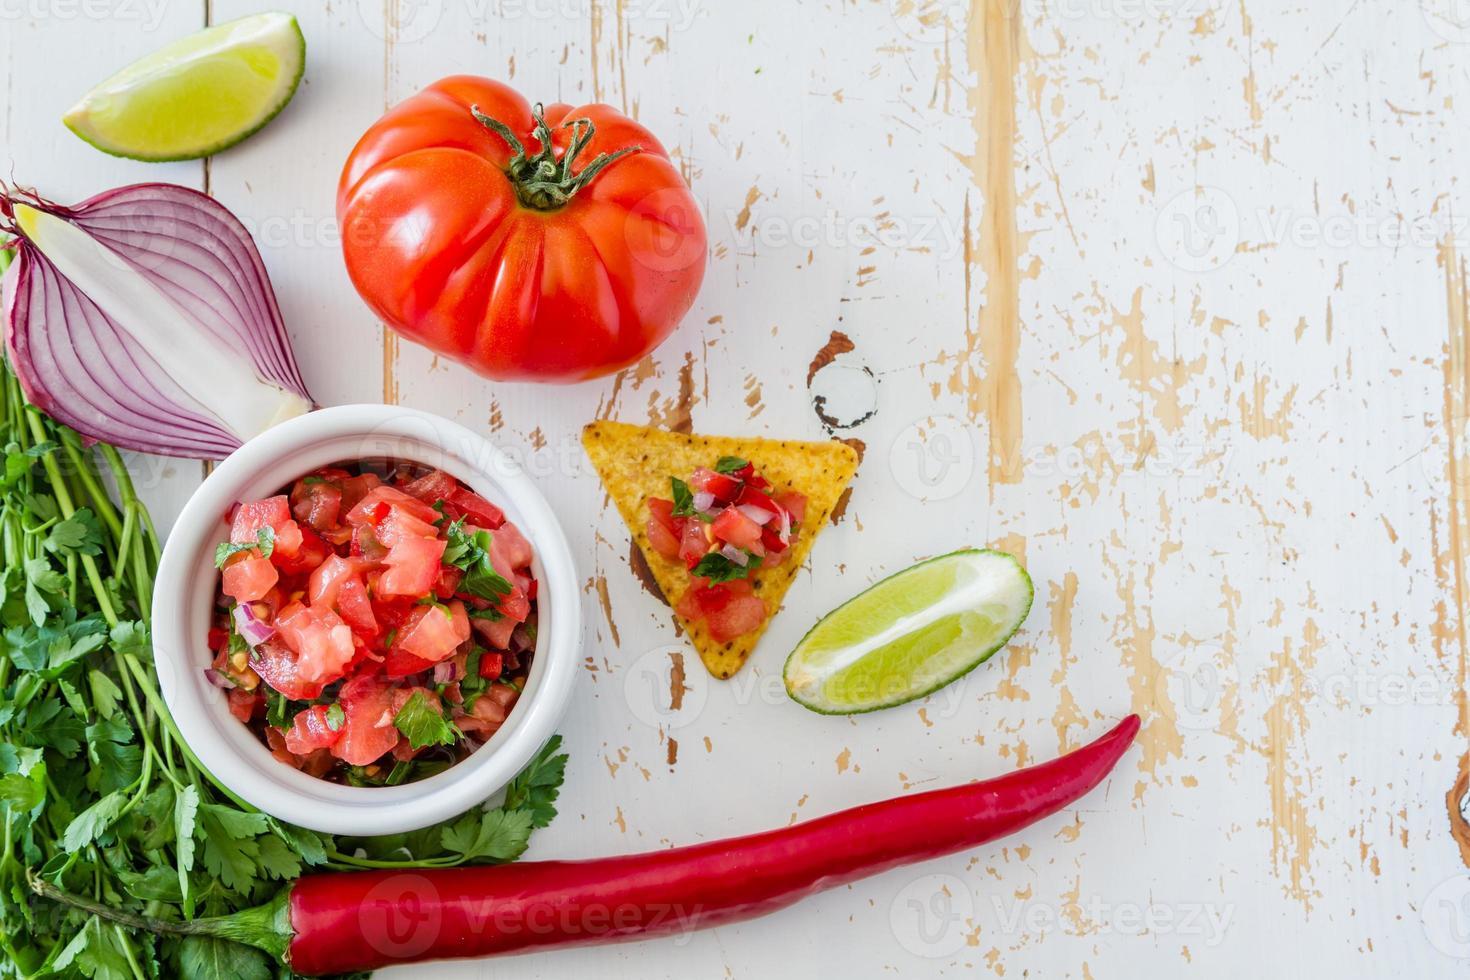 Salsasauce und Zutaten - Tomaten, Chili, Zwiebel, Limette, Petersilie foto